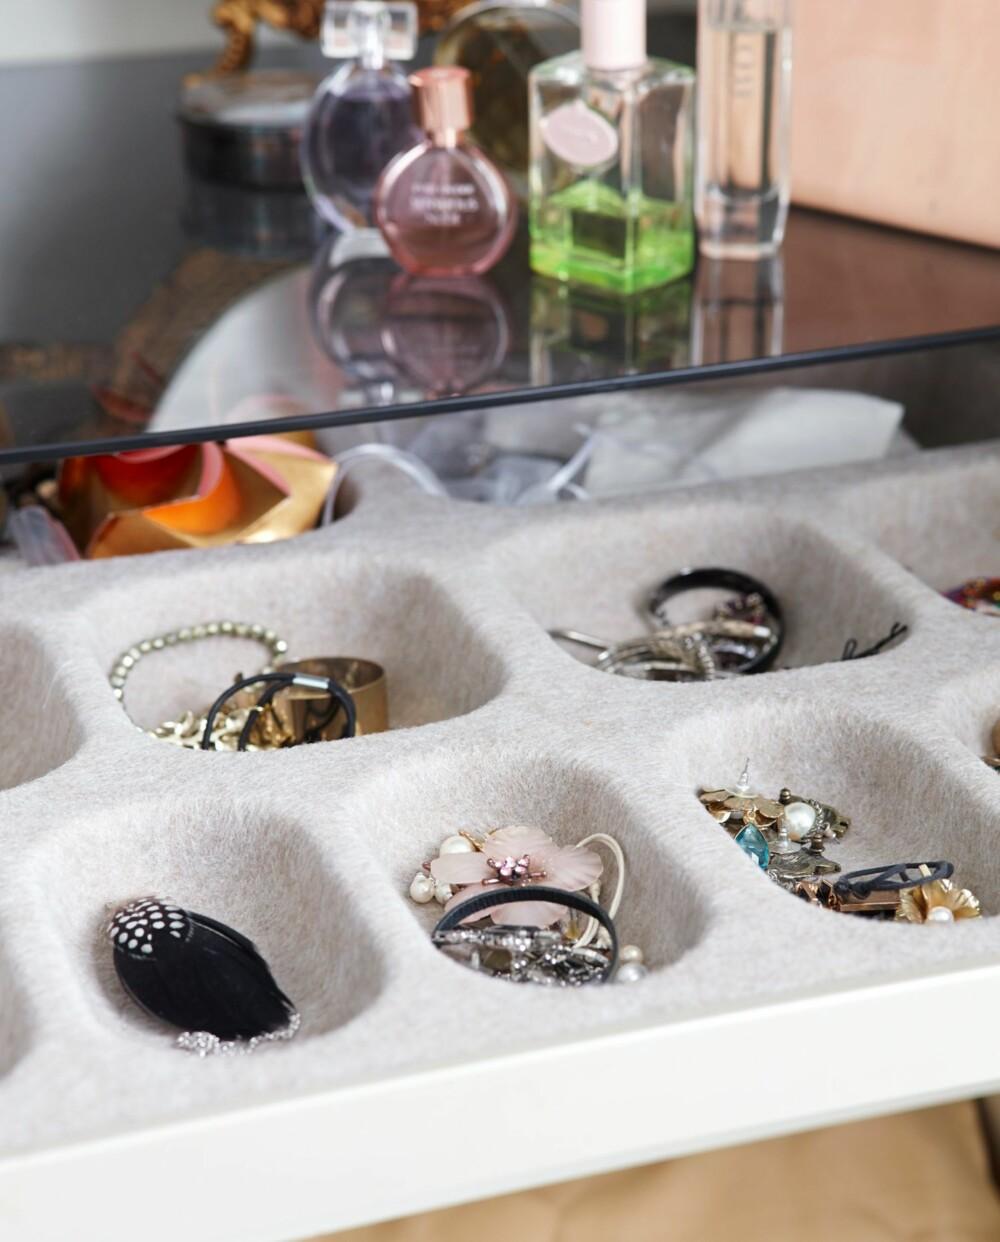 SMYKKER: I skuffen er det plass til smykker.